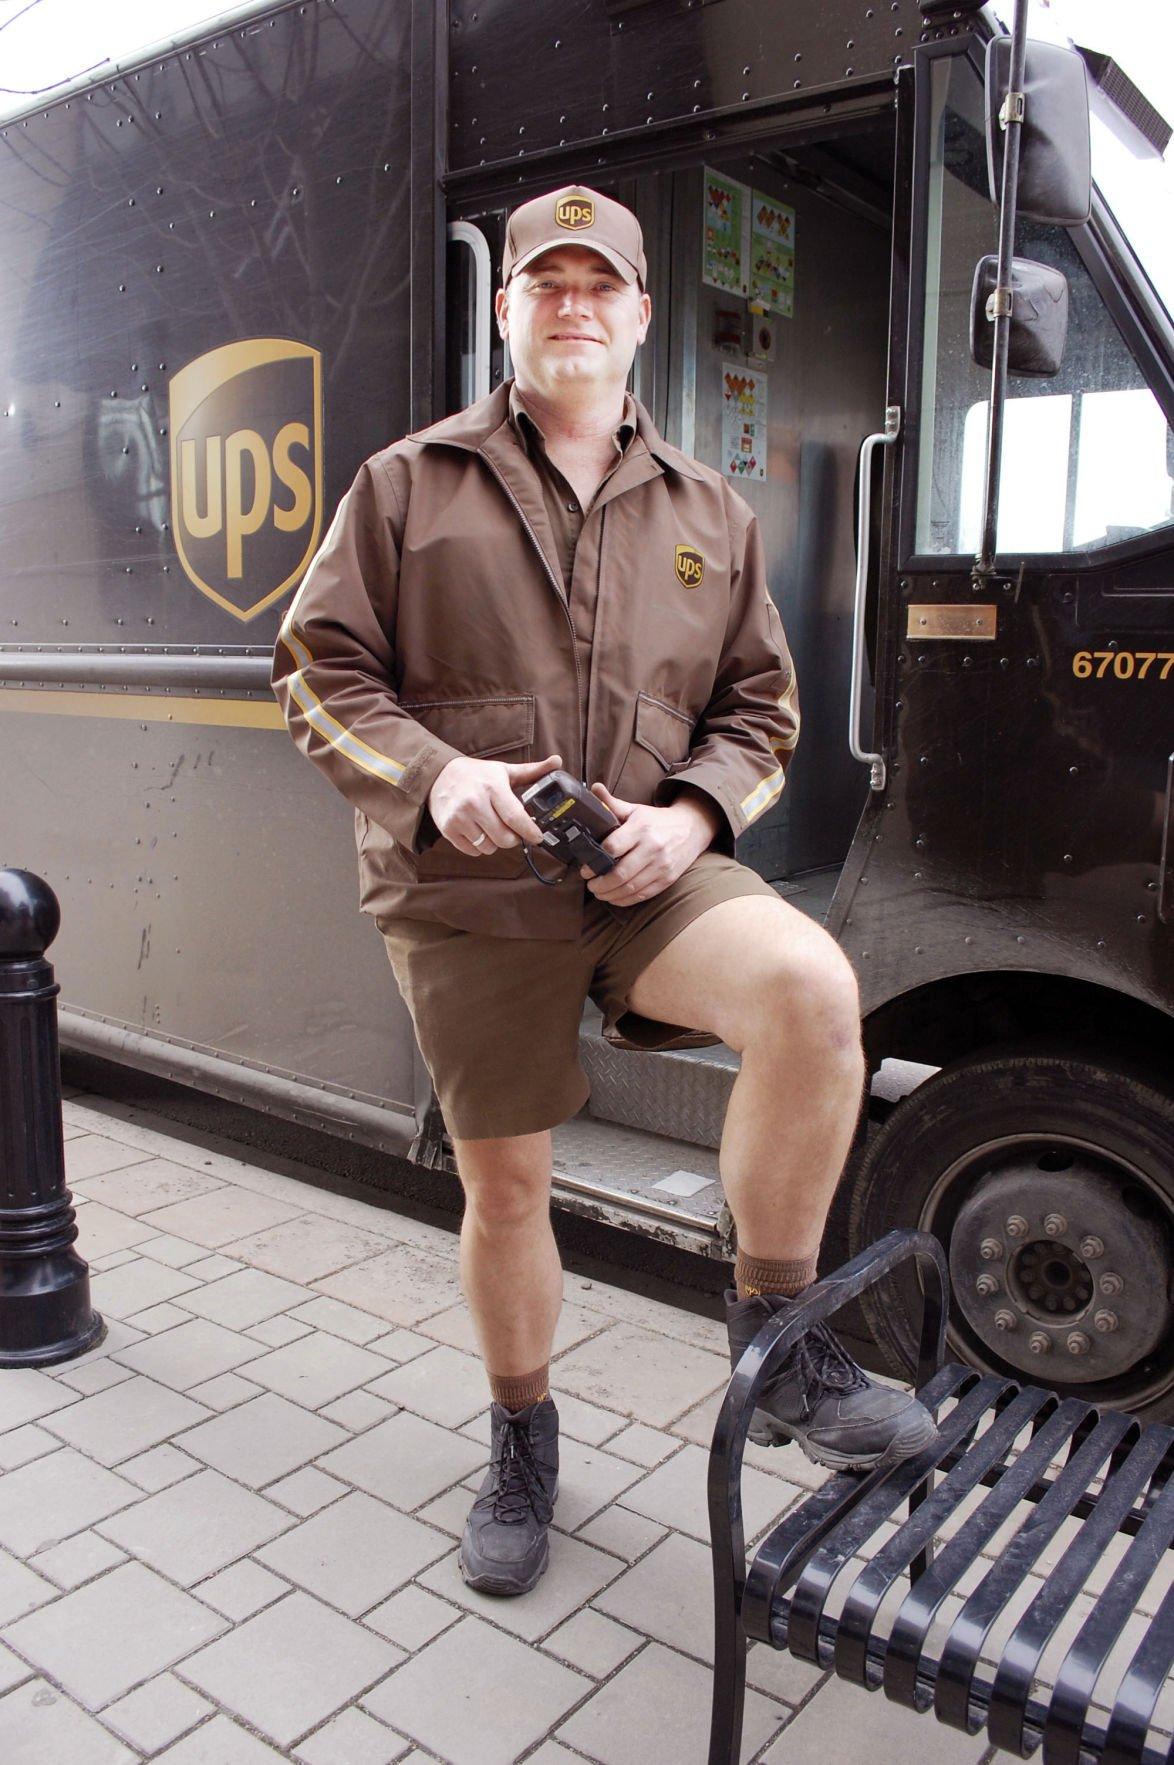 ups driver gay